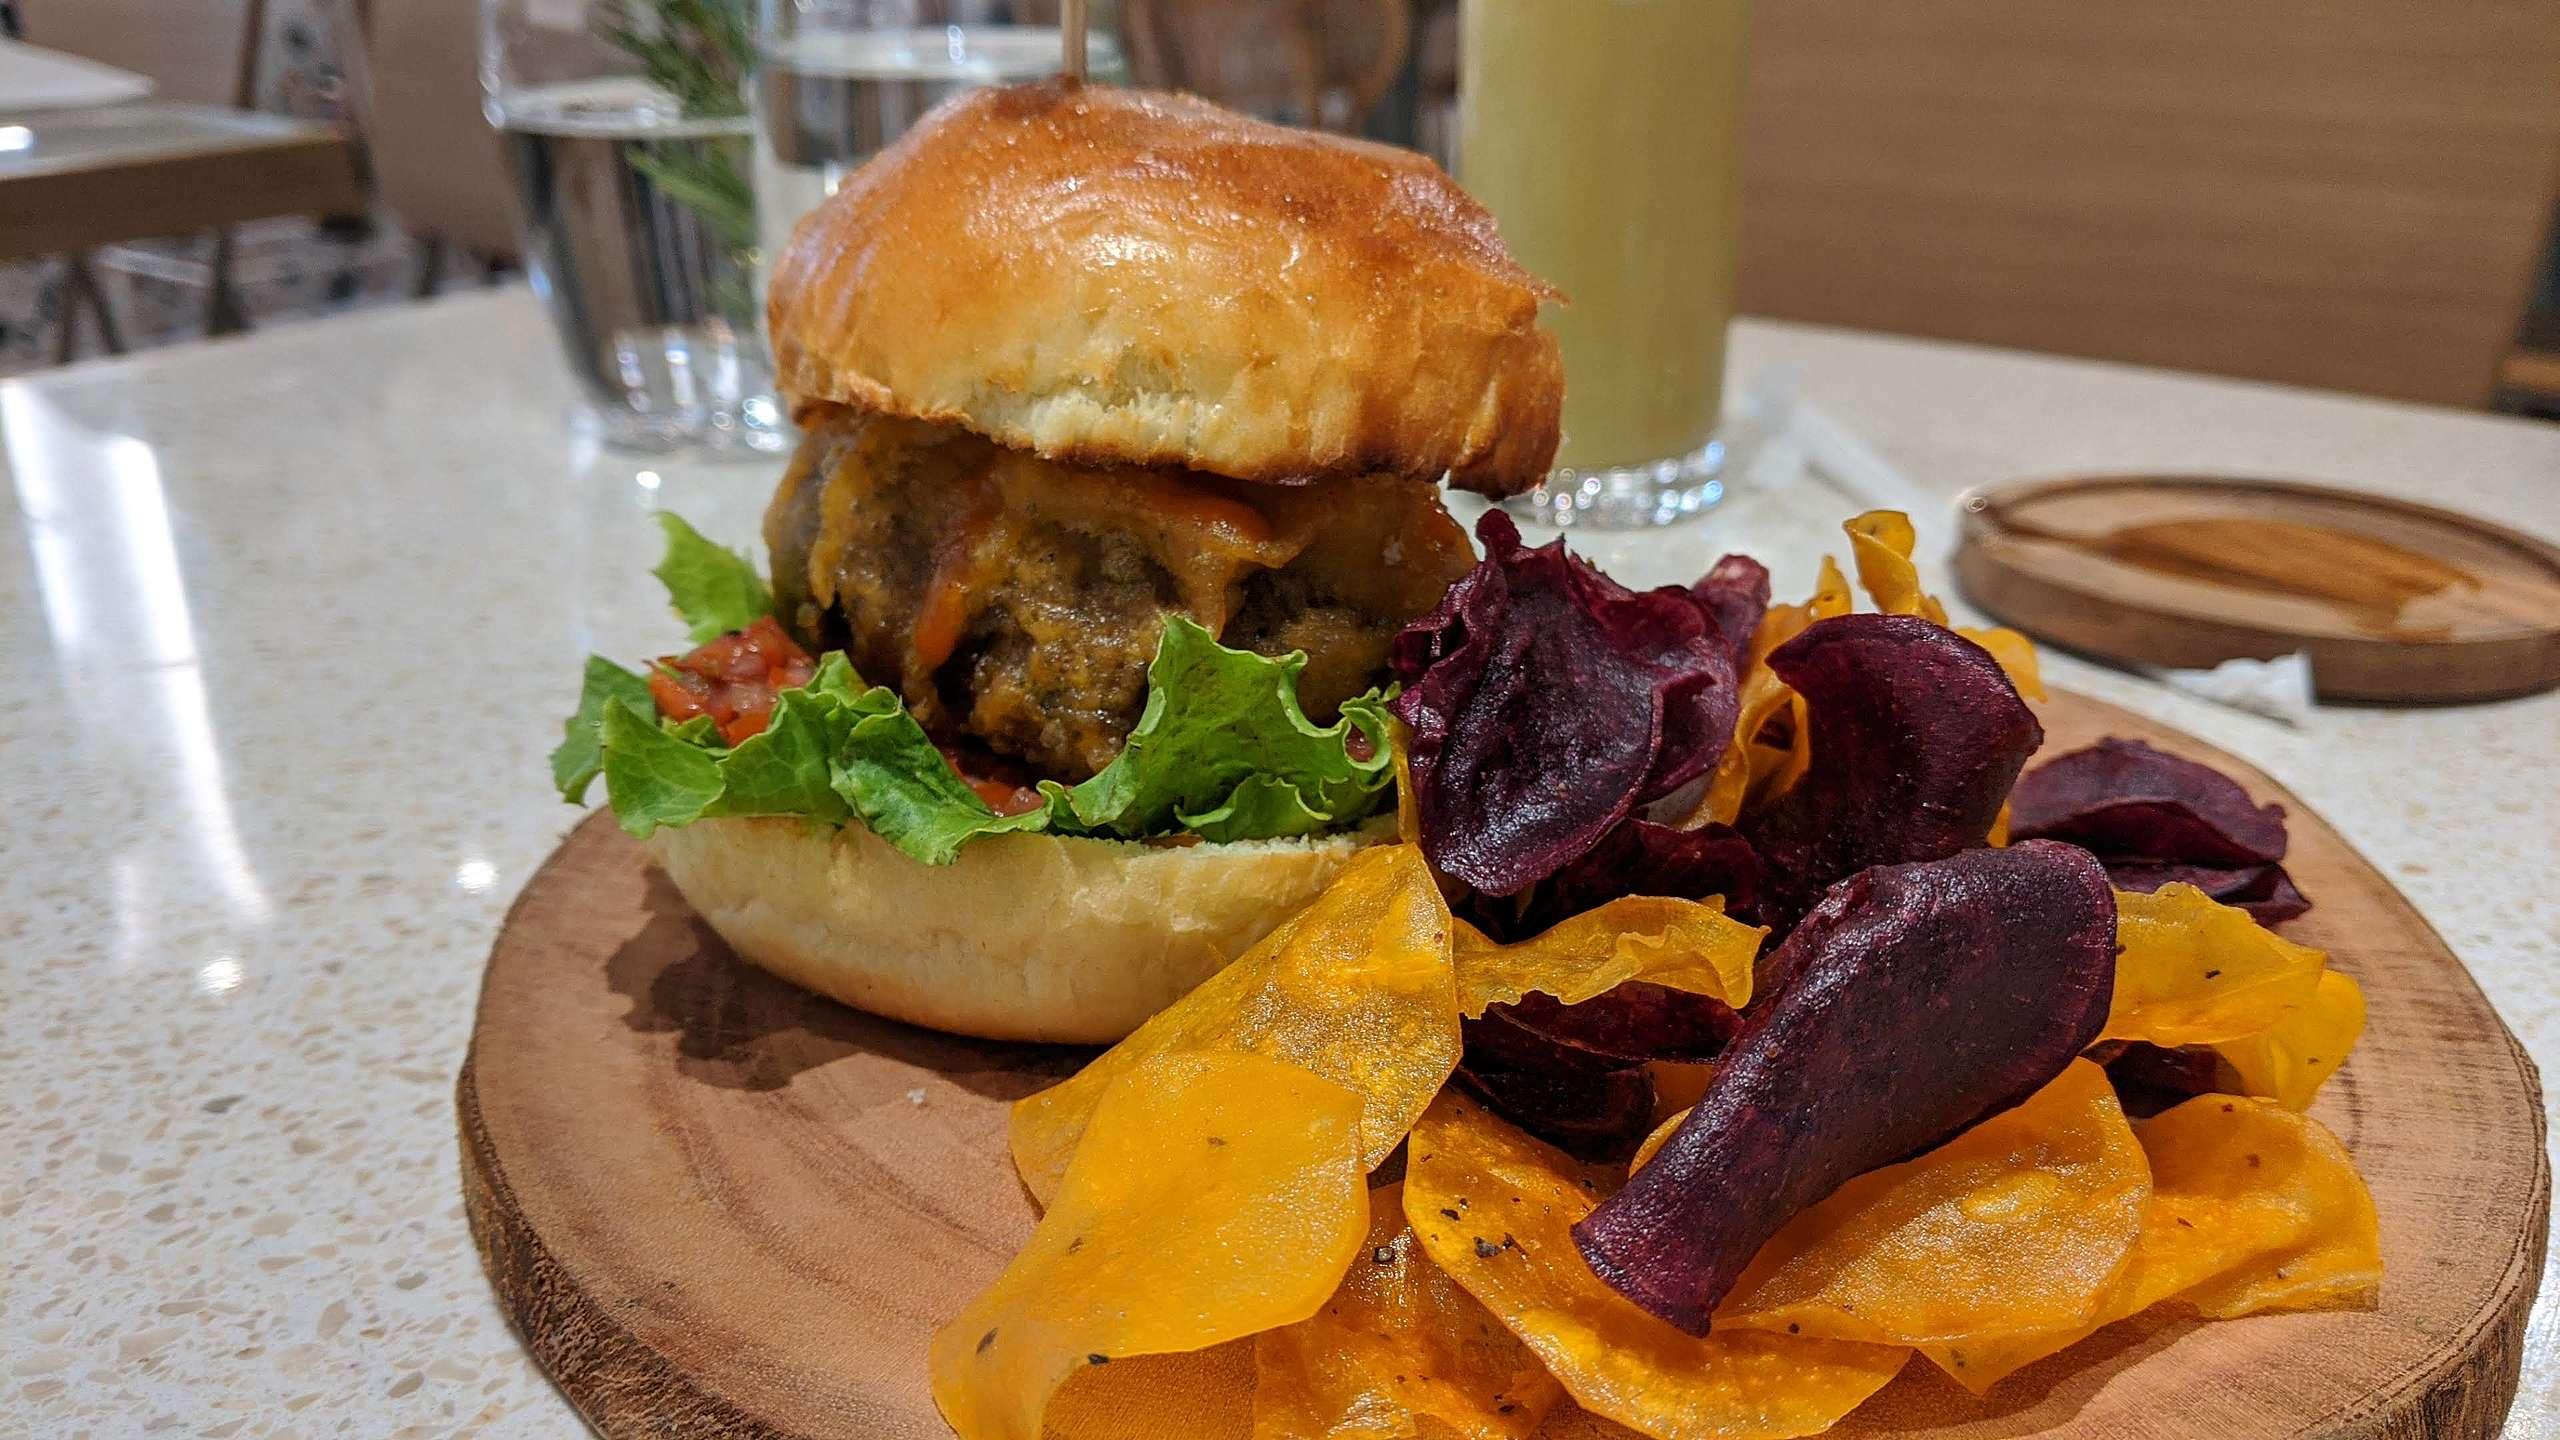 漢堡排可以豆類做為主要基底,加上各種蔬菜與調味,細心烹調後一樣營養又好吃。